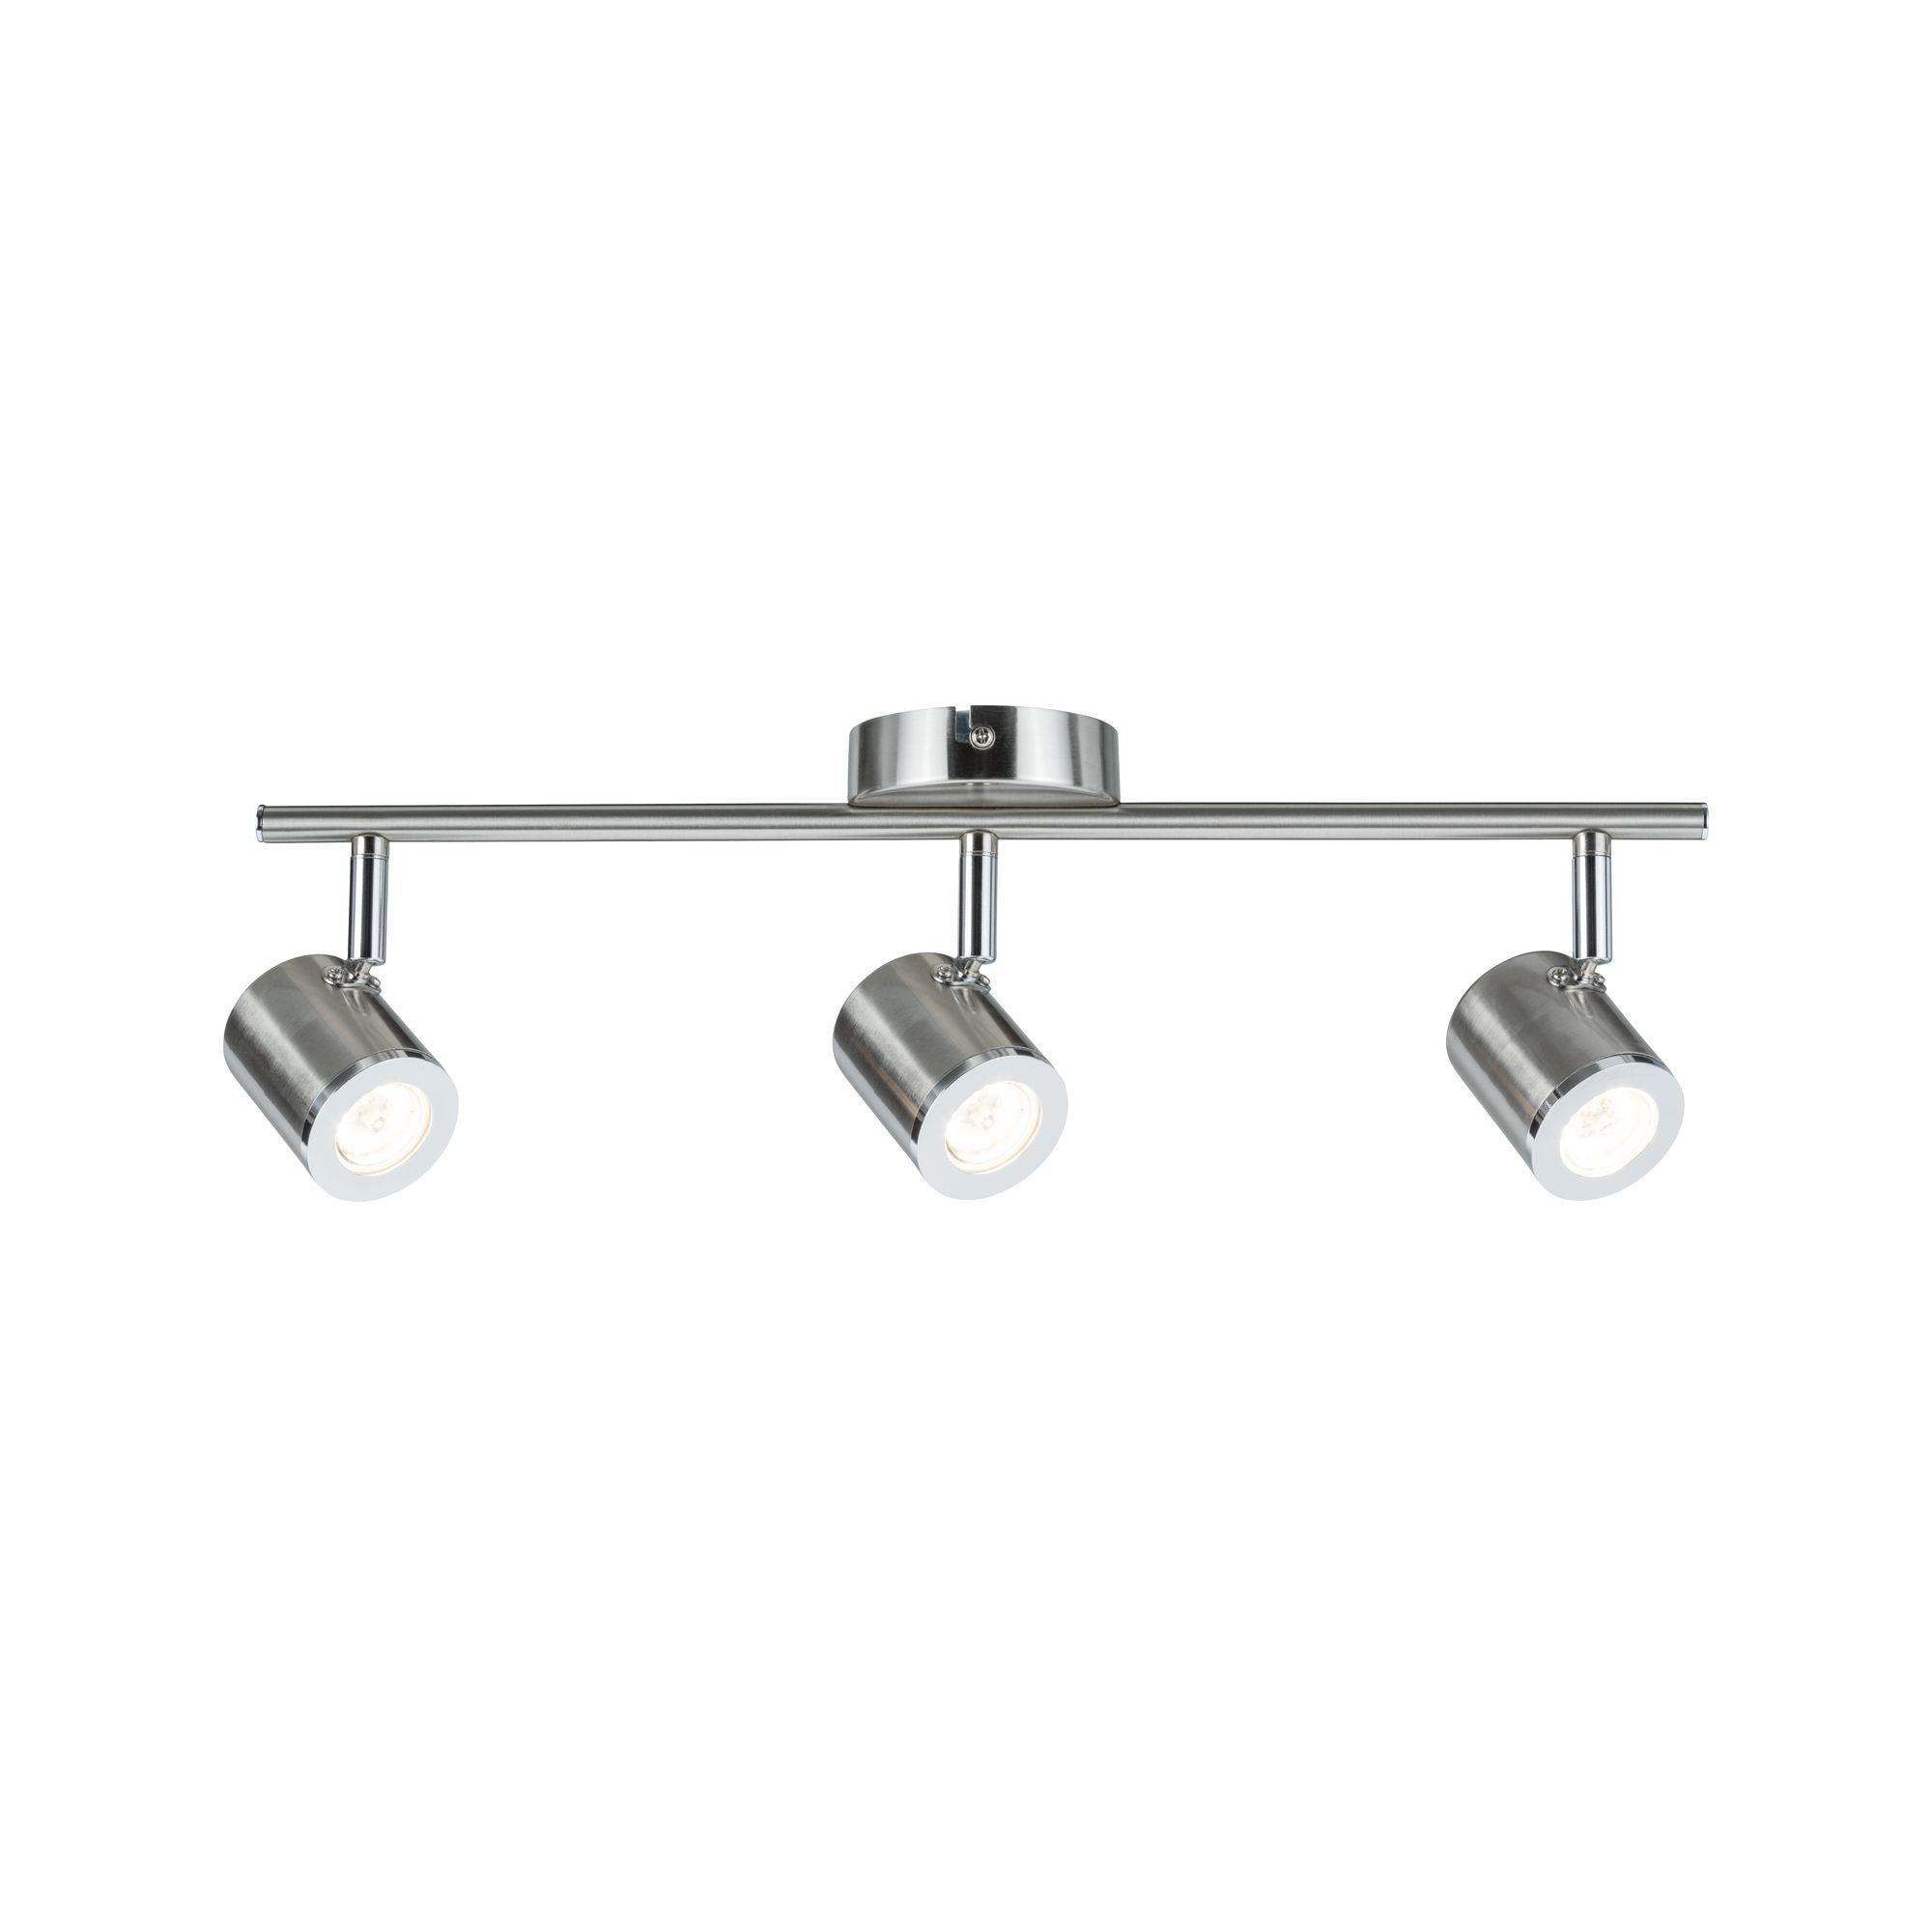 Paulmann LED Deckenleuchte 3er-Spot Nickel Silberfarben Tumbler 3x4,5W, 1 St., Warmweiß